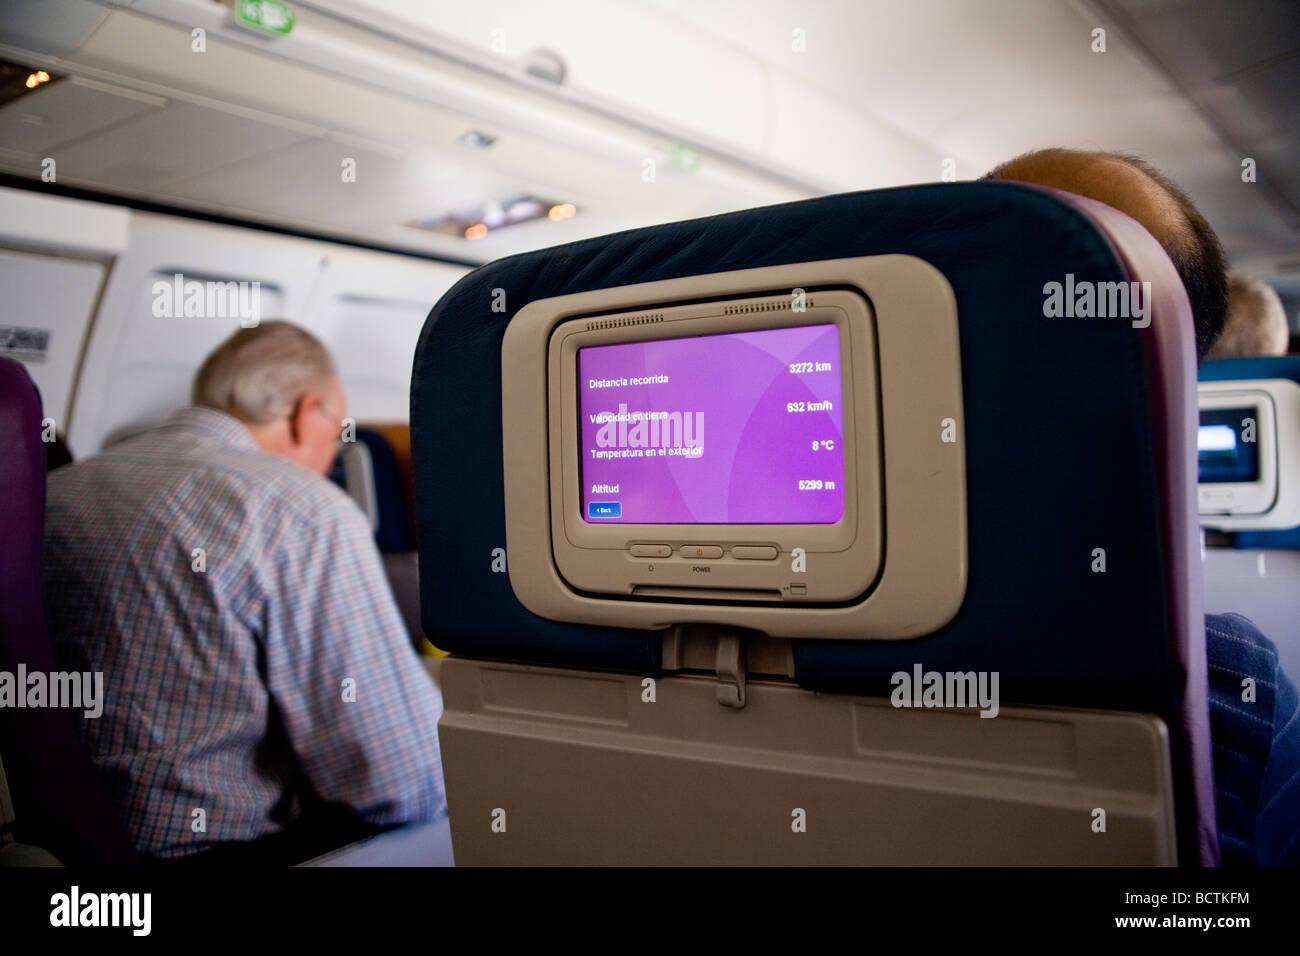 Persönliche Video Monitor Auf Rückseite Des Coach Class Sitz Der